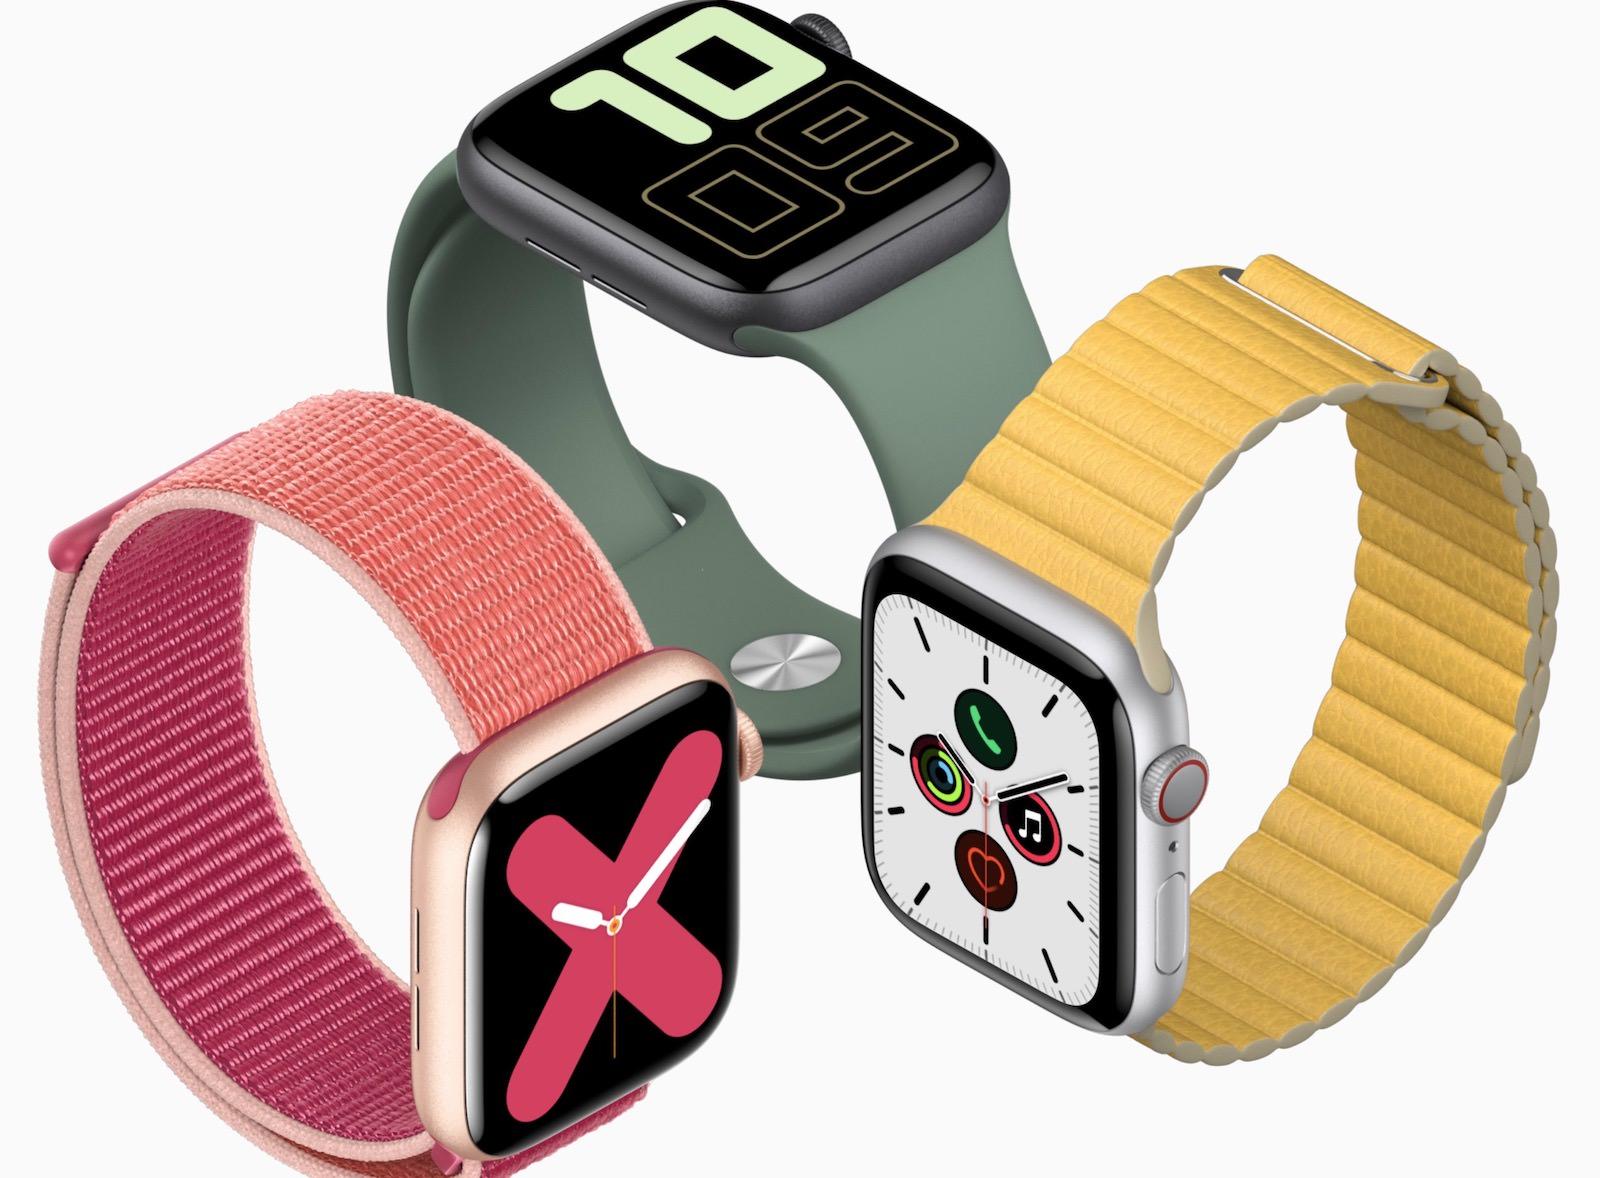 Apple-Watch-Series-5-top.jpg